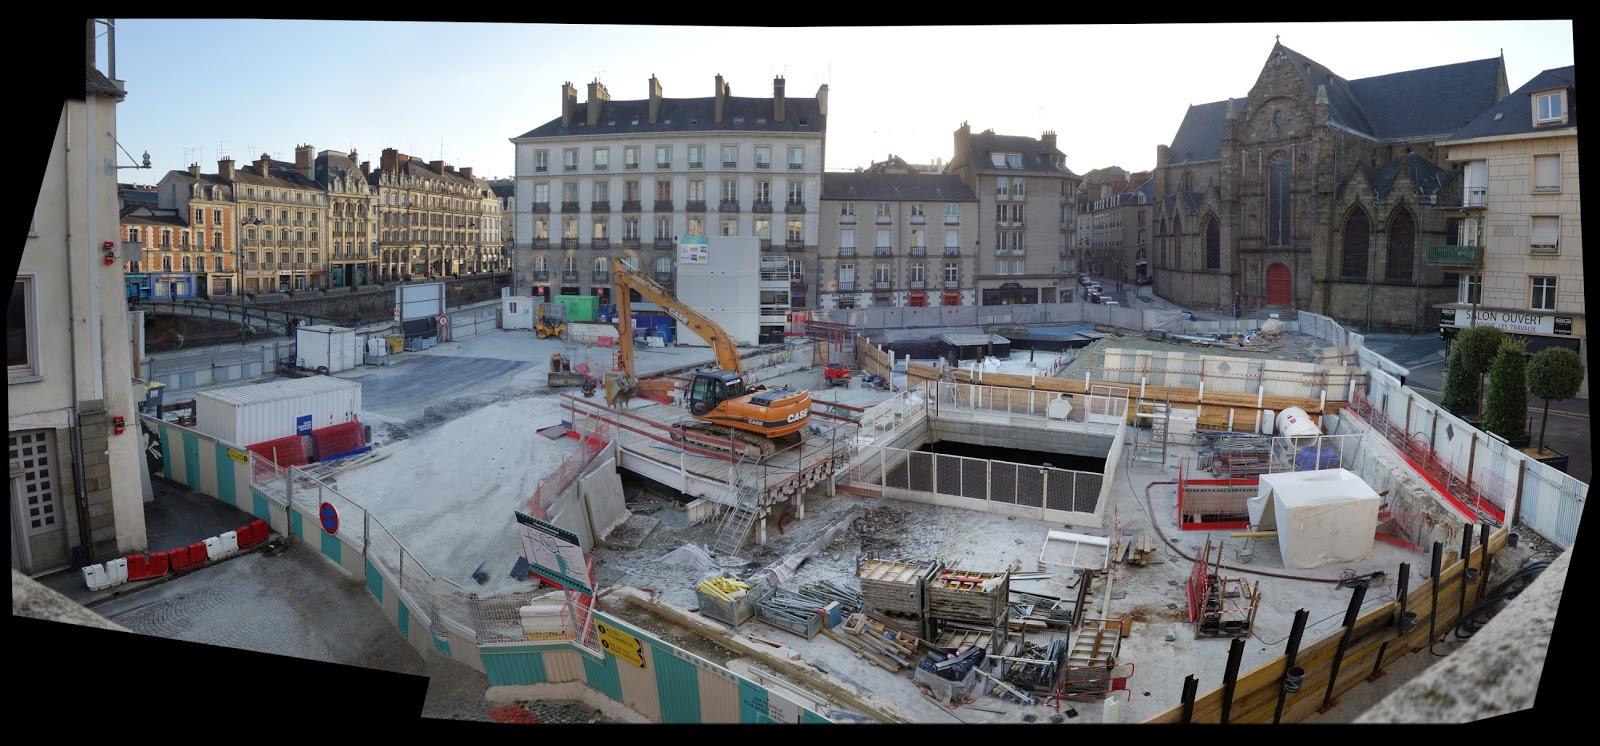 Le chantier du métro Place Saint-Germain le samedi 15 août 2015